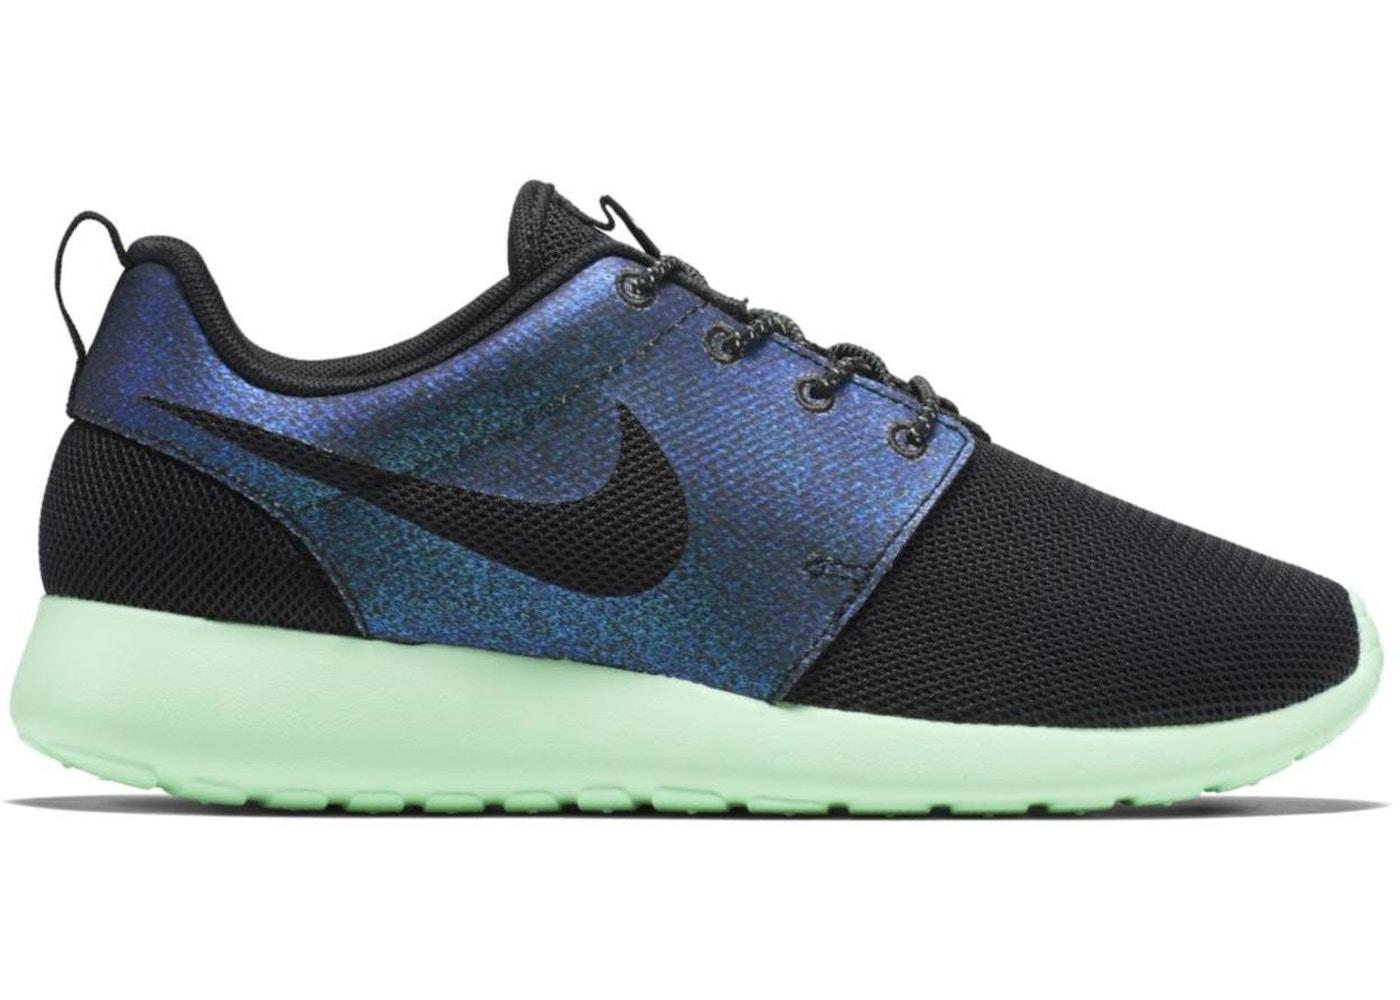 38fc7c686199d Nike Roshe Run Teal Vapor Green QS (W) - 808708-303